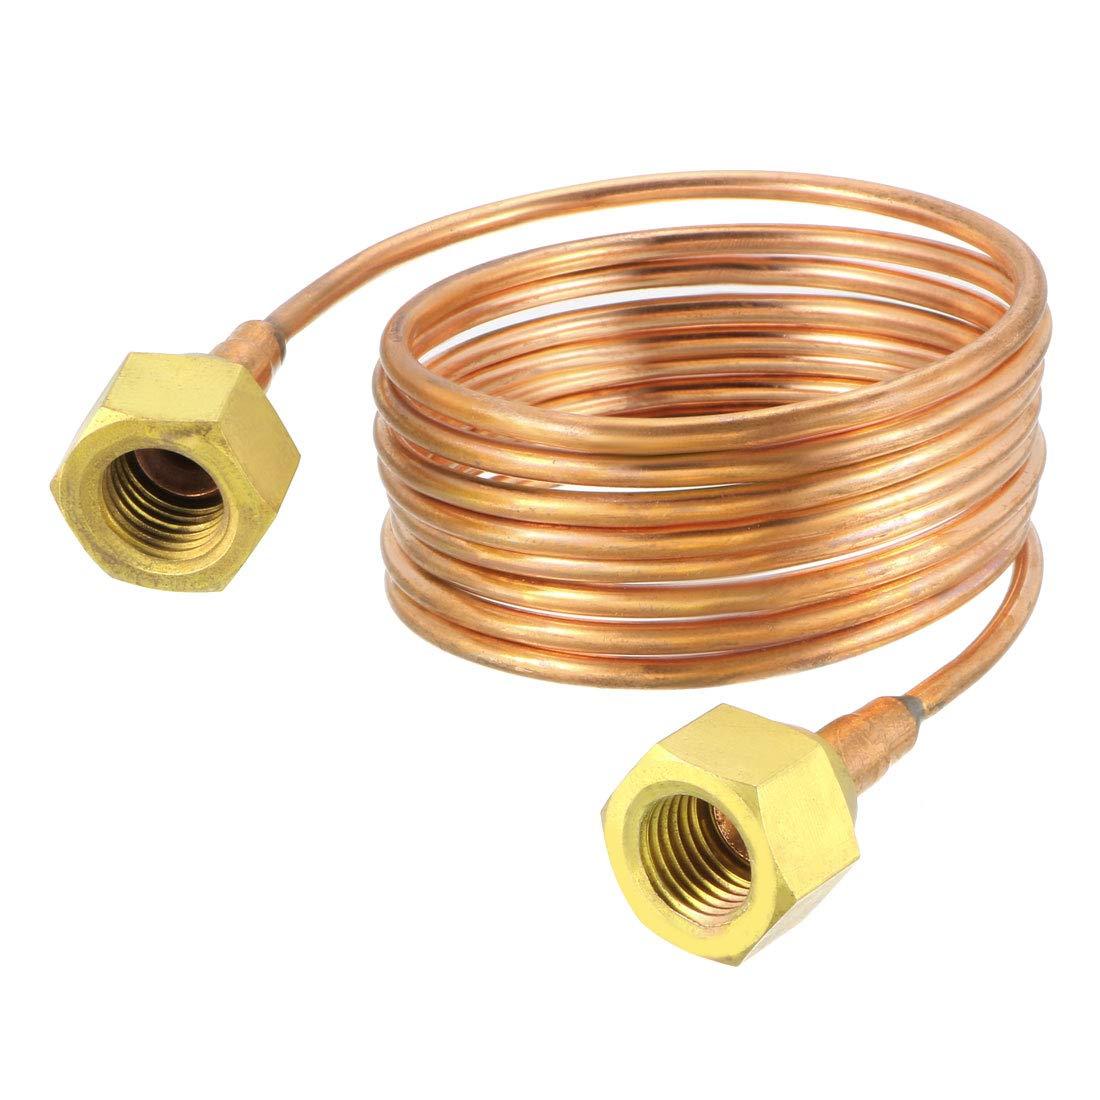 tubo de cobre suave de 1//8 pulgadas de di/ámetro exterior x 4.9 pies de longitud con tubo de lat/ón de metal Tubo de refrigeraci/ón de mapa de abastecimiento